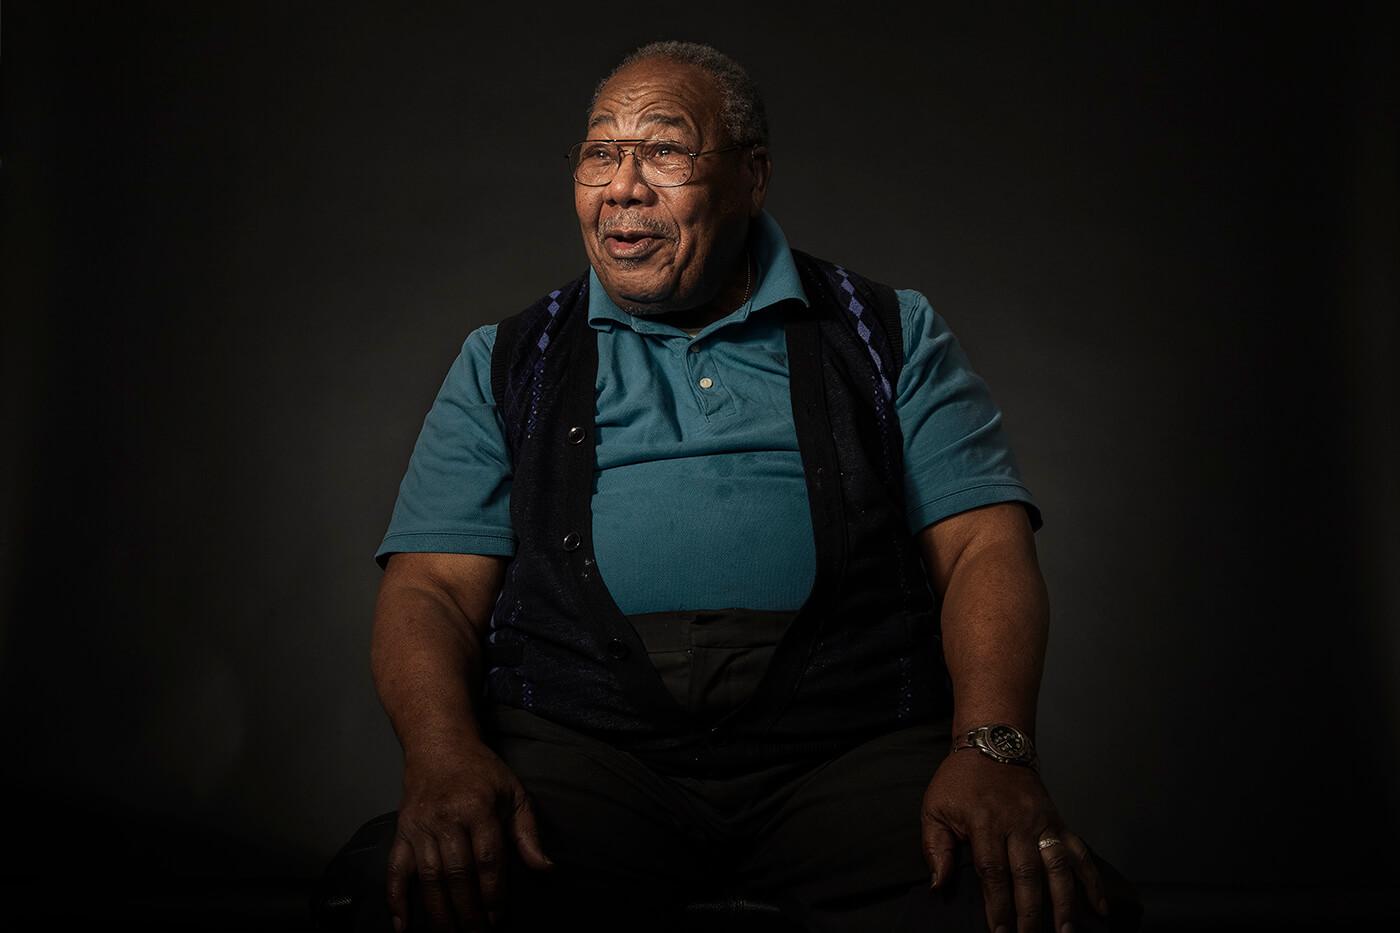 Austin, TX based photographer Dennis Burnett captures portraits of WWII veterans.